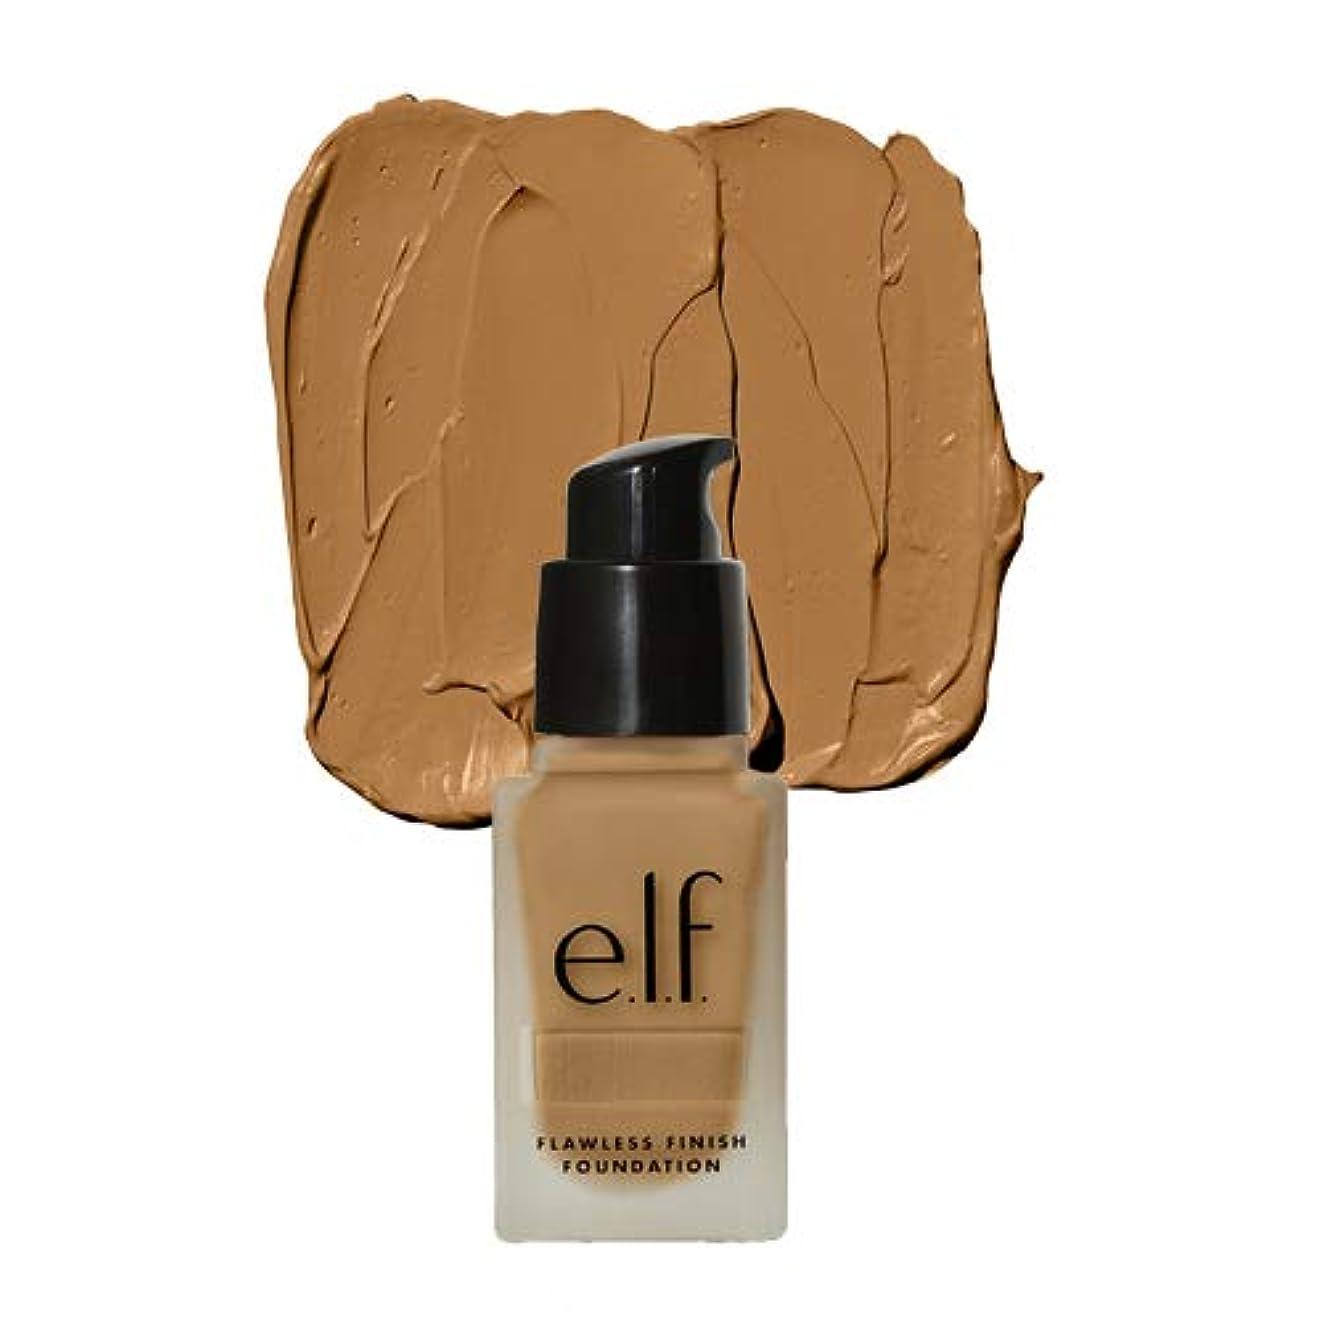 ライター誠意障害(3 Pack) e.l.f. Oil Free Flawless Finish Foundation - Linen (並行輸入品)